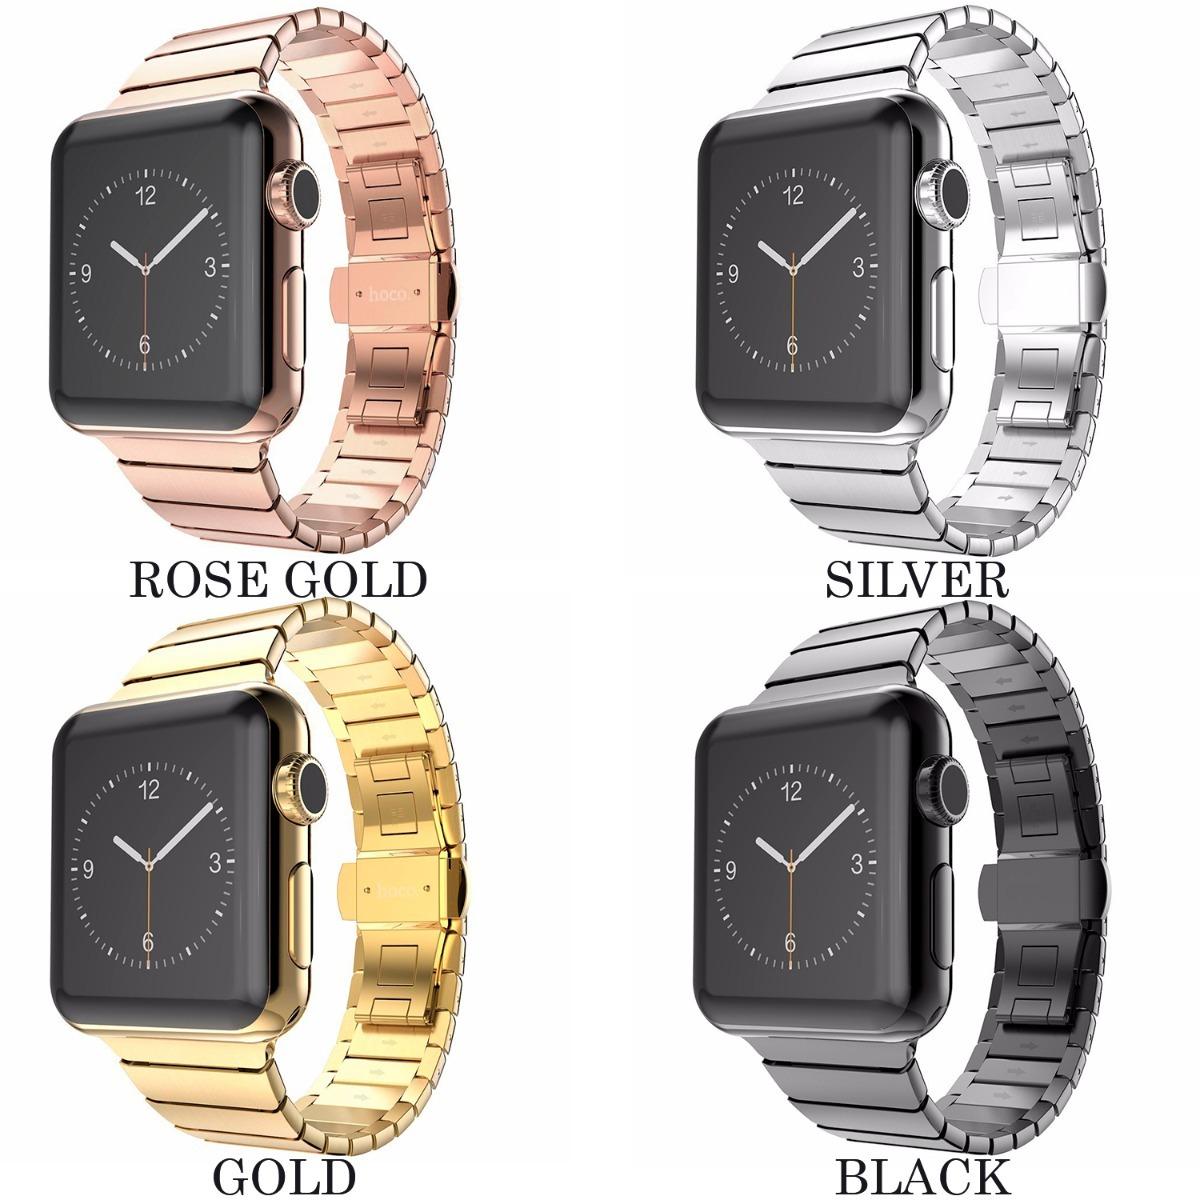 cfae2d5410c1a correa de eslabones de lujo para apple watch + case o mica. Cargando zoom.